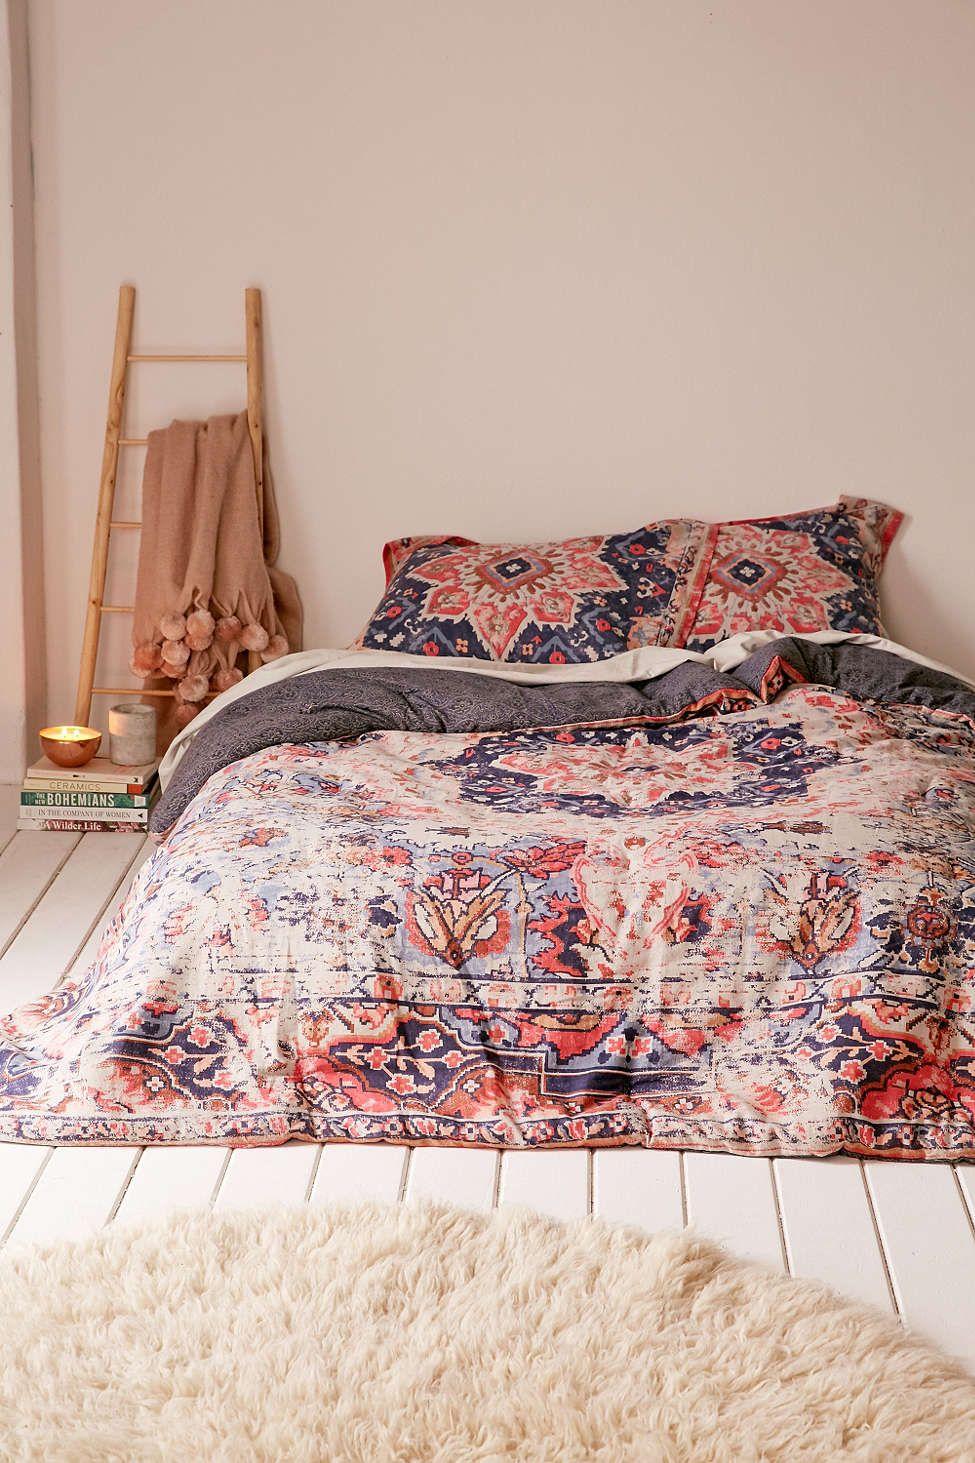 douillette semblable un tapis us berna d co pinterest couvre lit lit et mobilier de salon. Black Bedroom Furniture Sets. Home Design Ideas